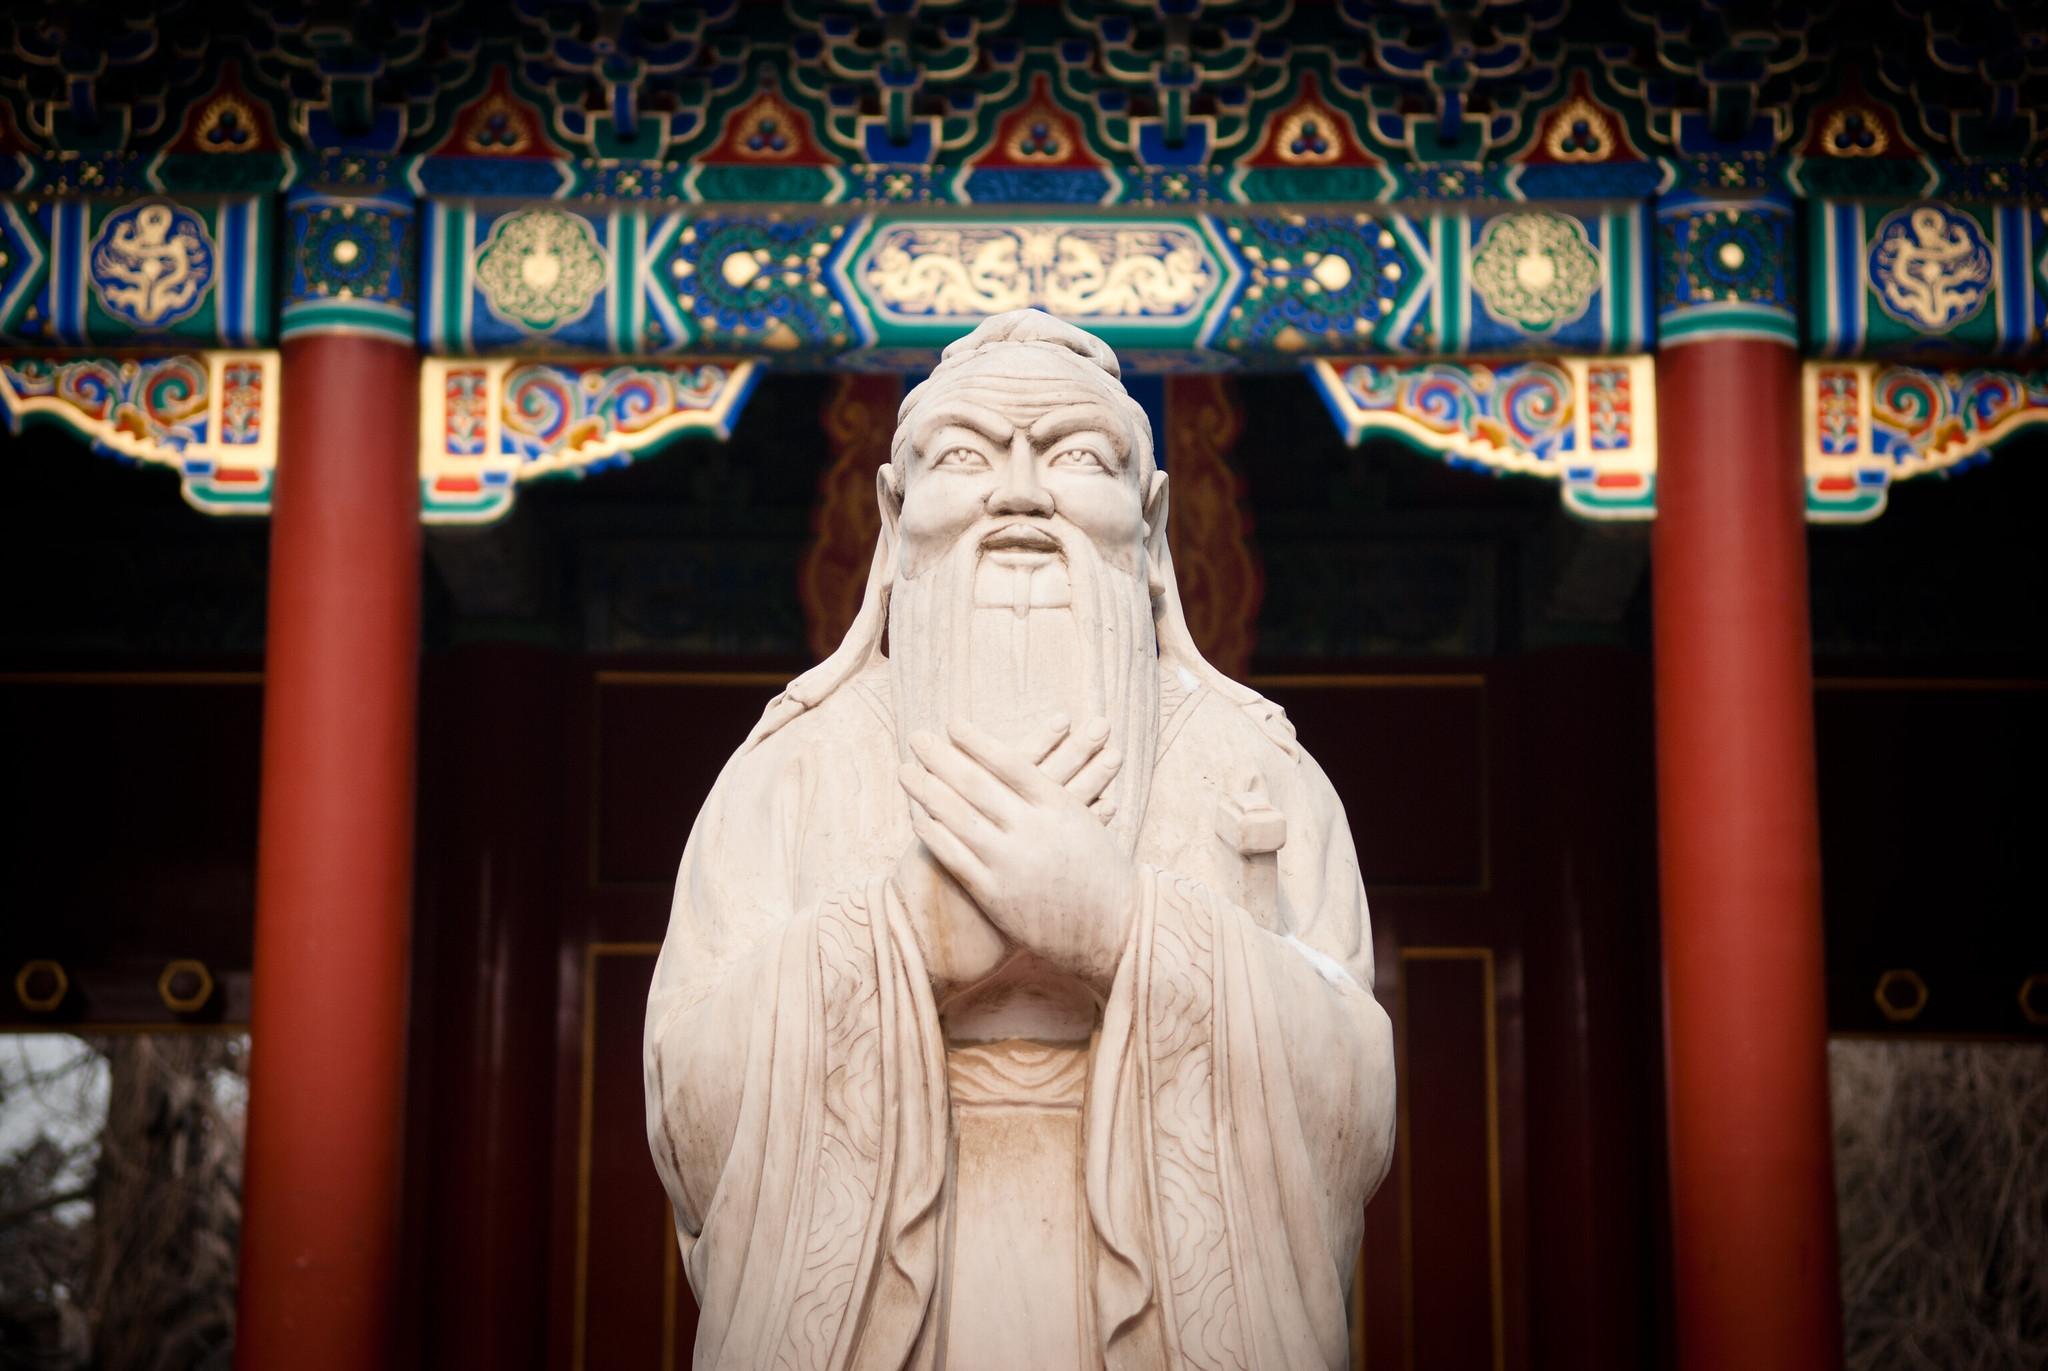 Confucio insegnò al suo discepolo Zi Gong molti principi di vita che portarono il talentuoso studente a diventare un eccezionale uomo d'affari. (Immagine: Vincentraal tramite Flickr CC BY-SA 2.0)